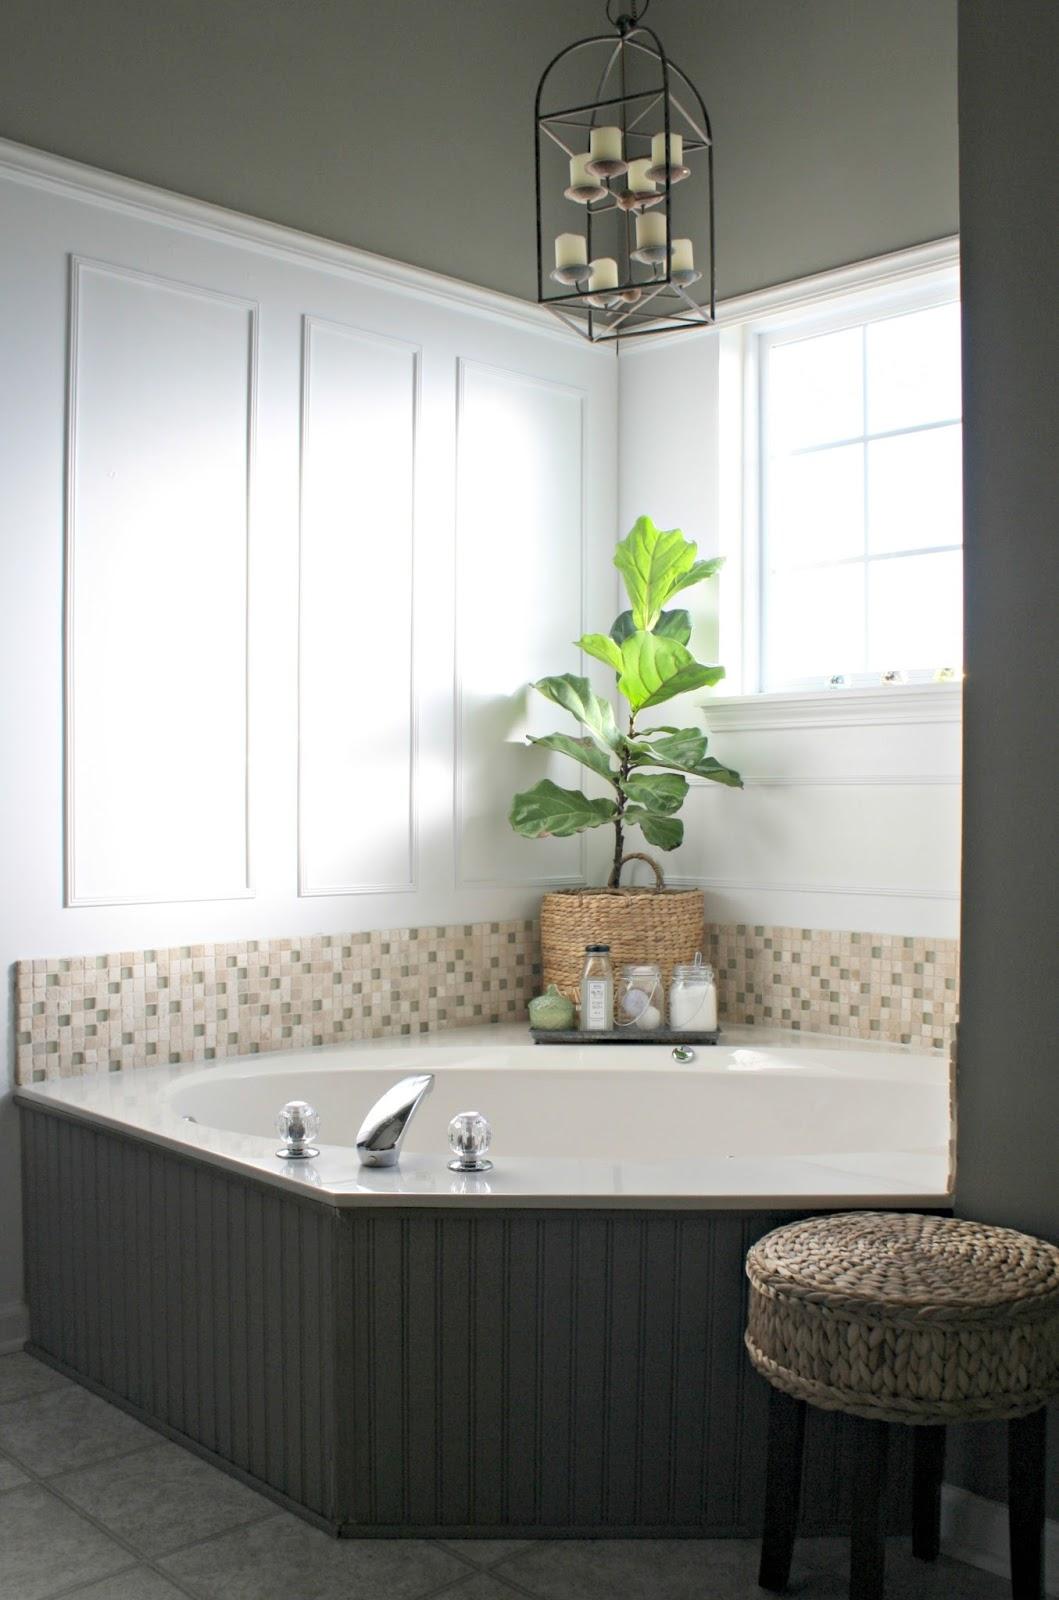 Decorating Area Around Tub